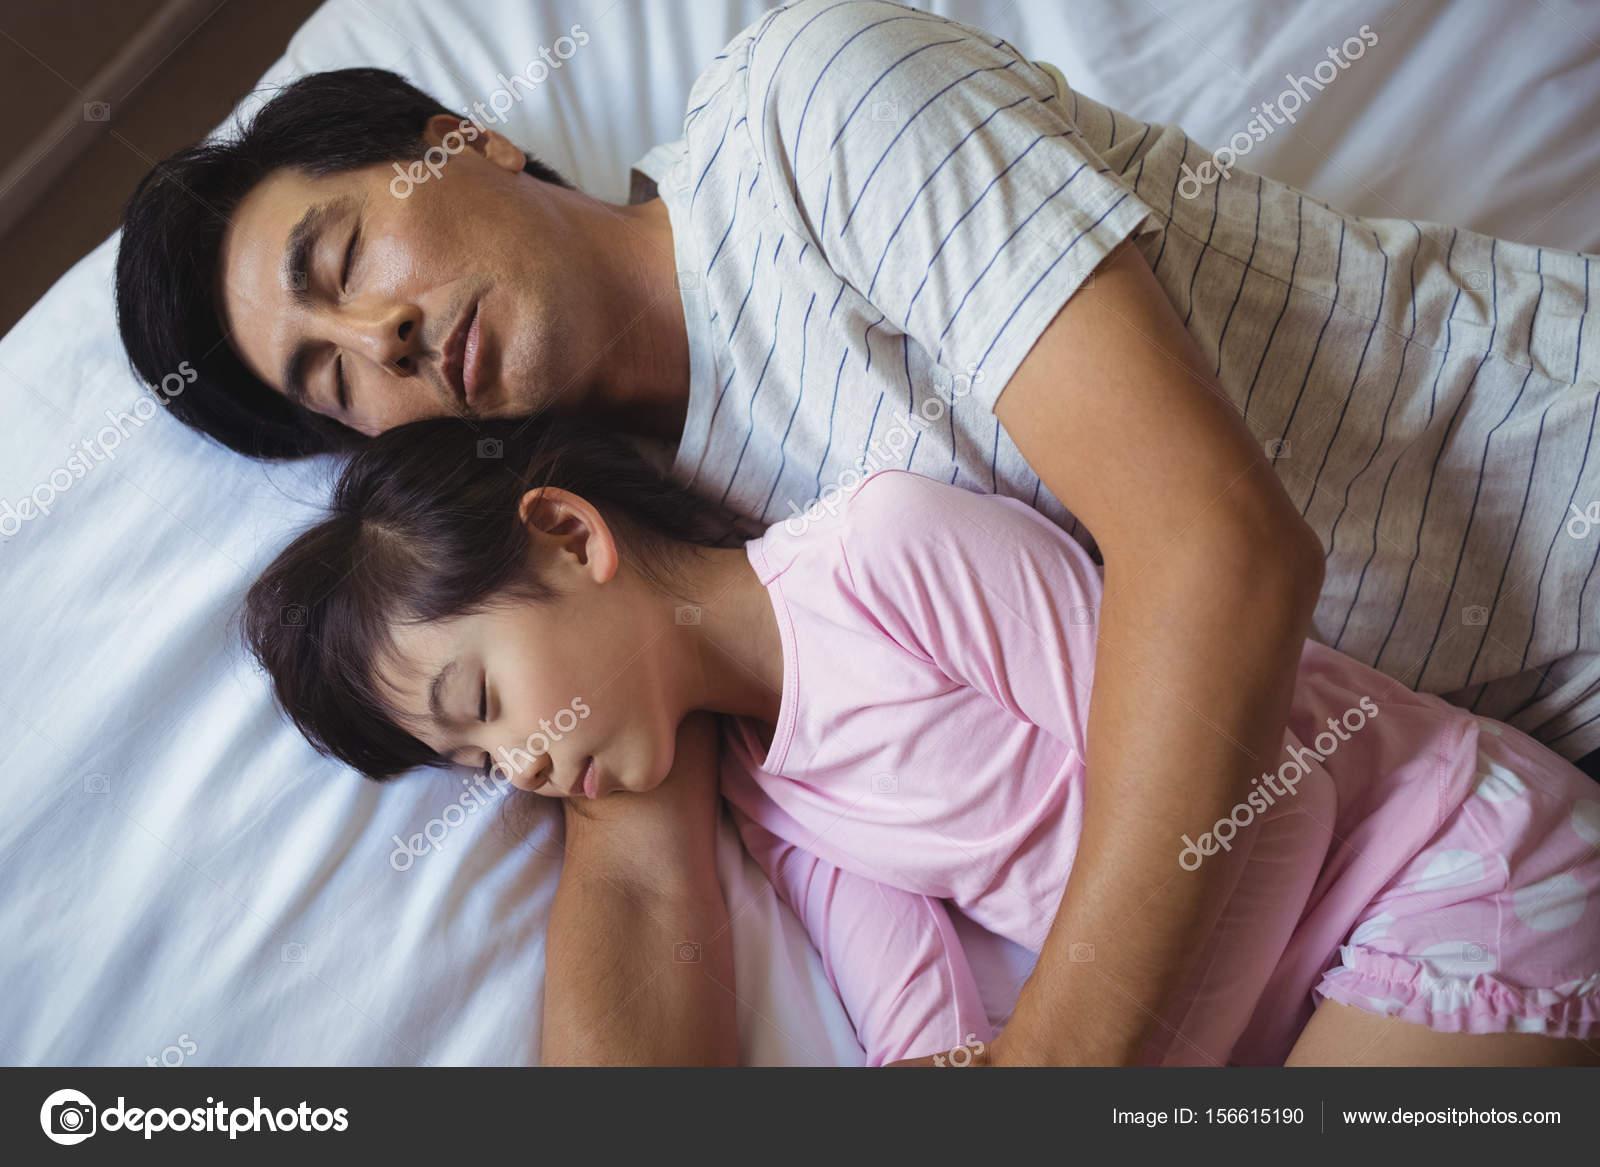 Русские отец и дочь занимаются сексом онлайн бесплатно, Отец и дочь, отец ебет дочь - Смотреть порно видео 20 фотография